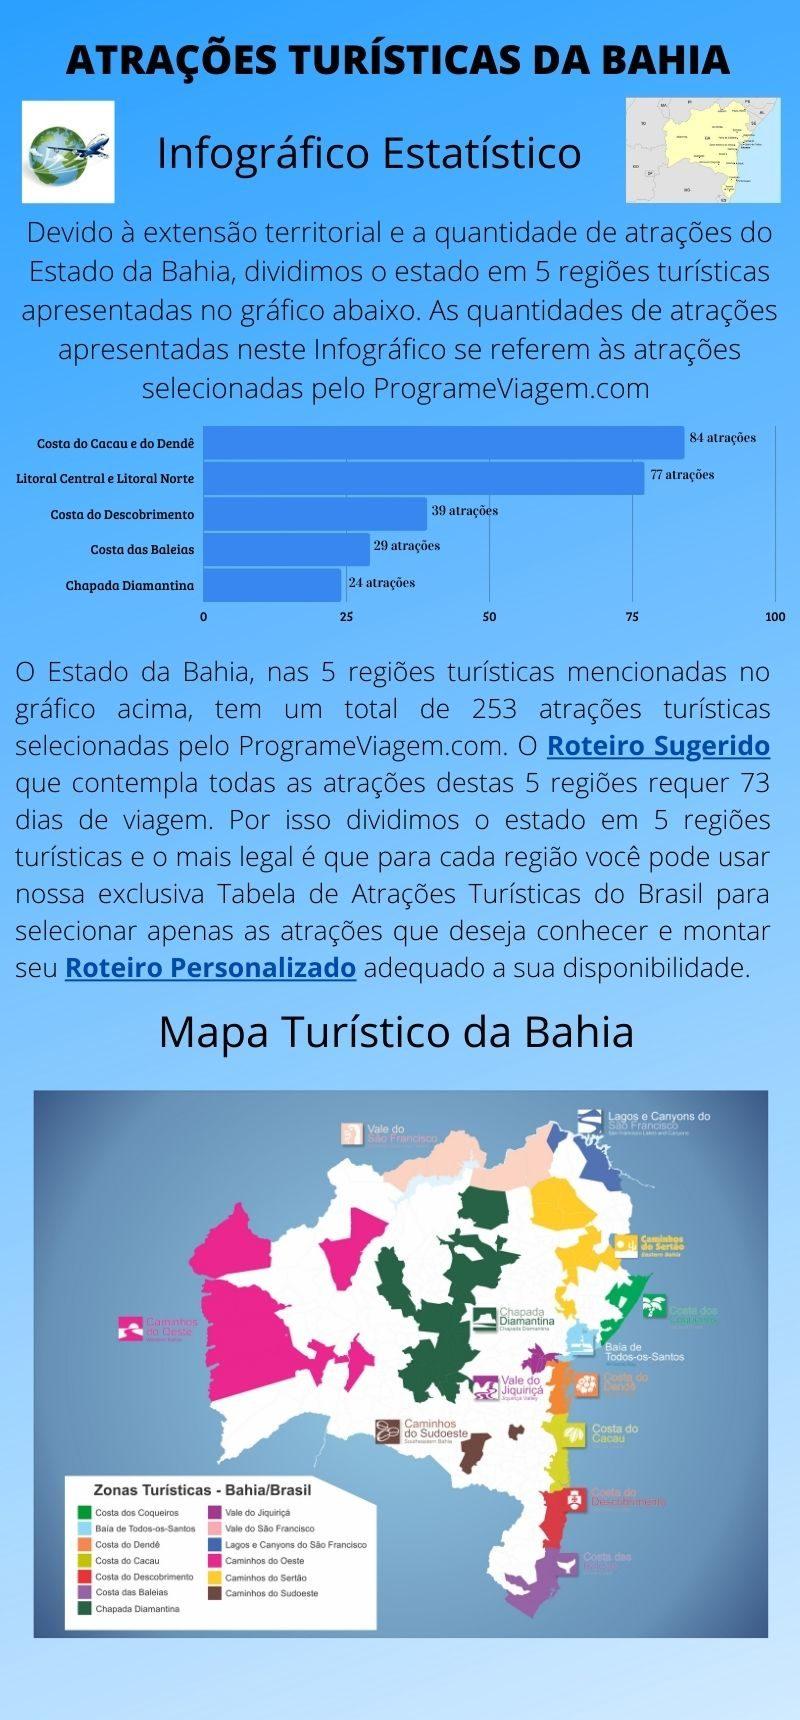 Infográfico Atrações Turísticas da Bahia